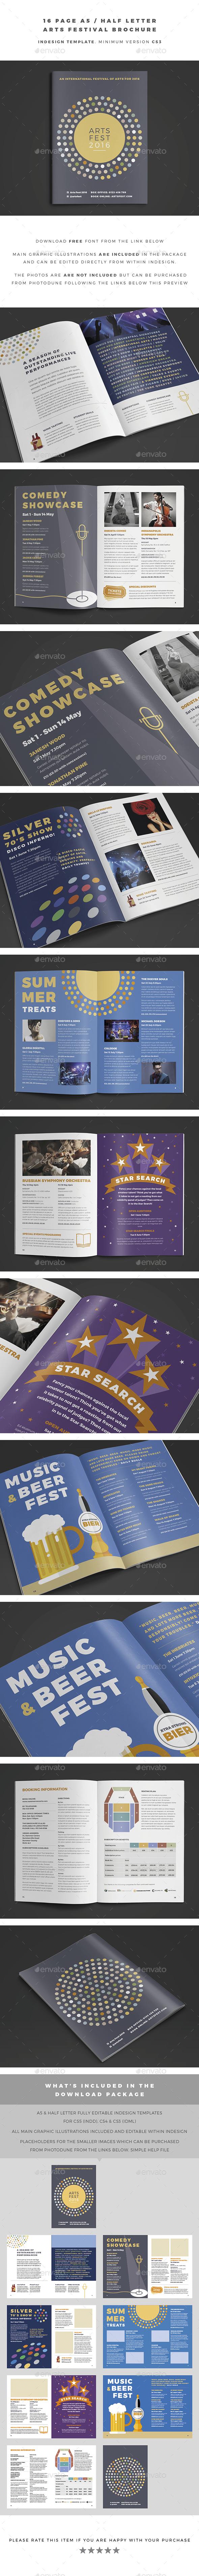 A5 / Half Letter Arts Festival Brochure - Brochures Print Templates